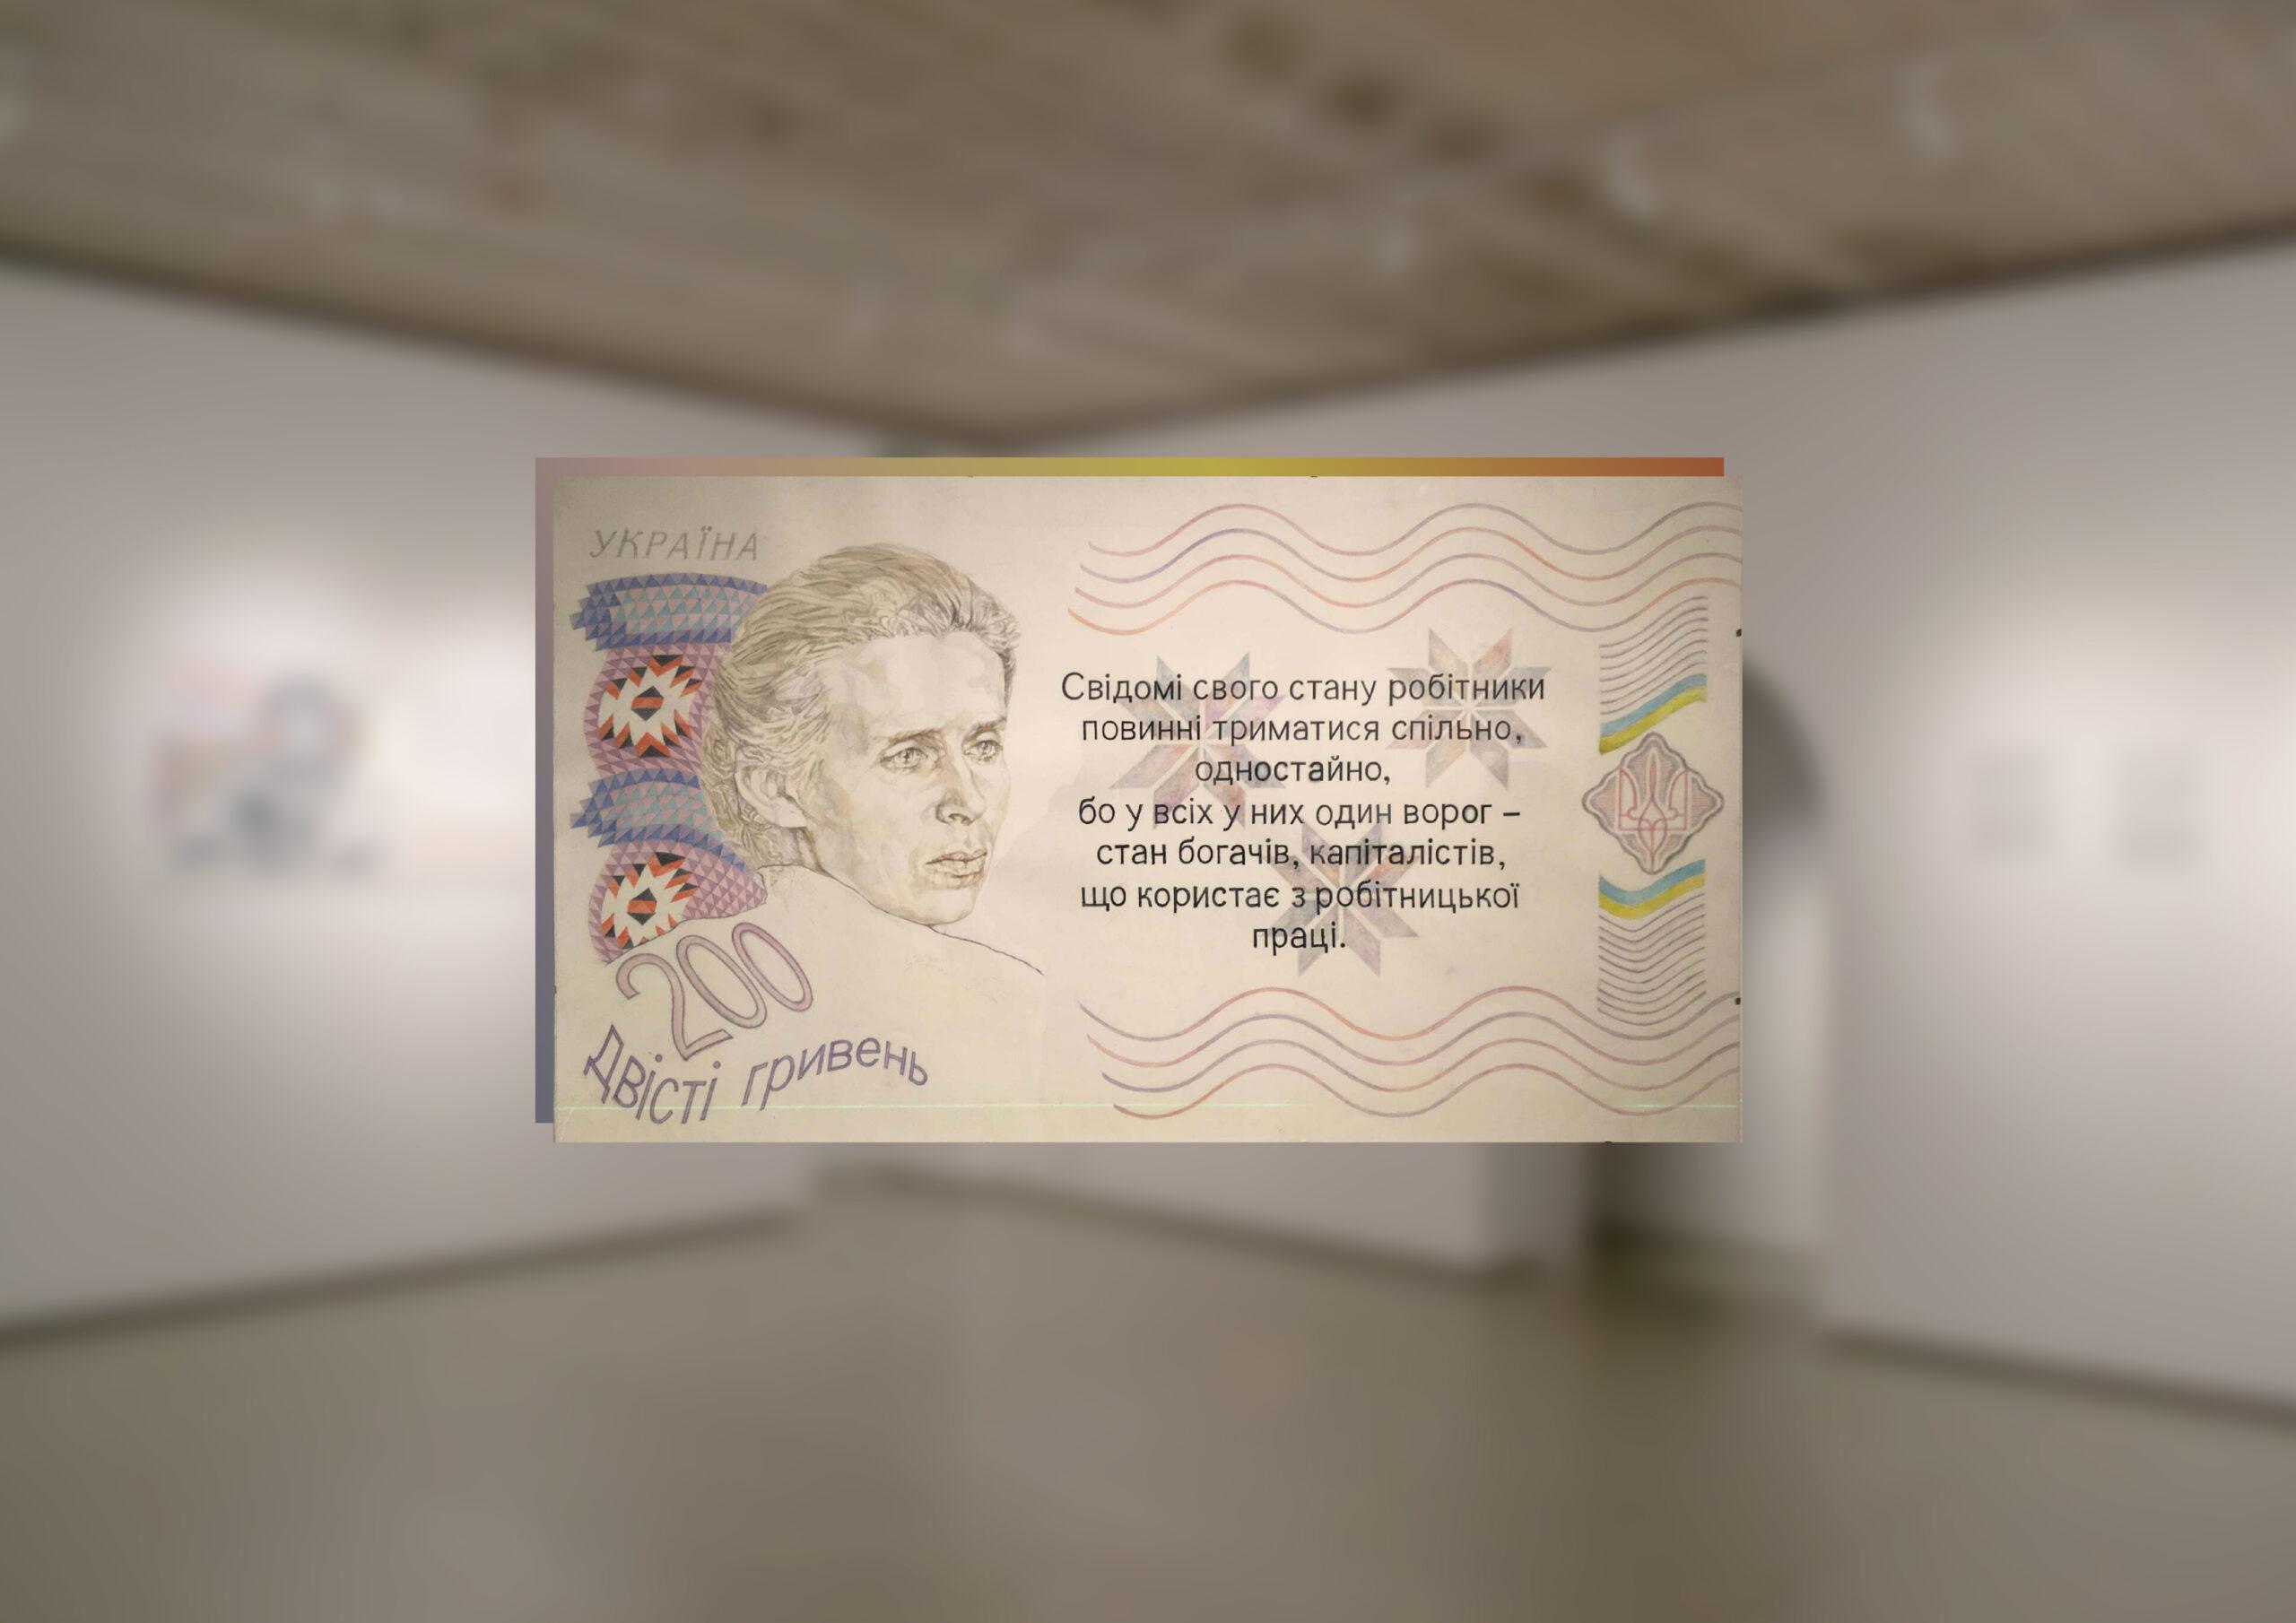 За що ми любимо Лесю Українку та Івана Франка: про виставку Давида Чичкана «Портрети, які говорять»